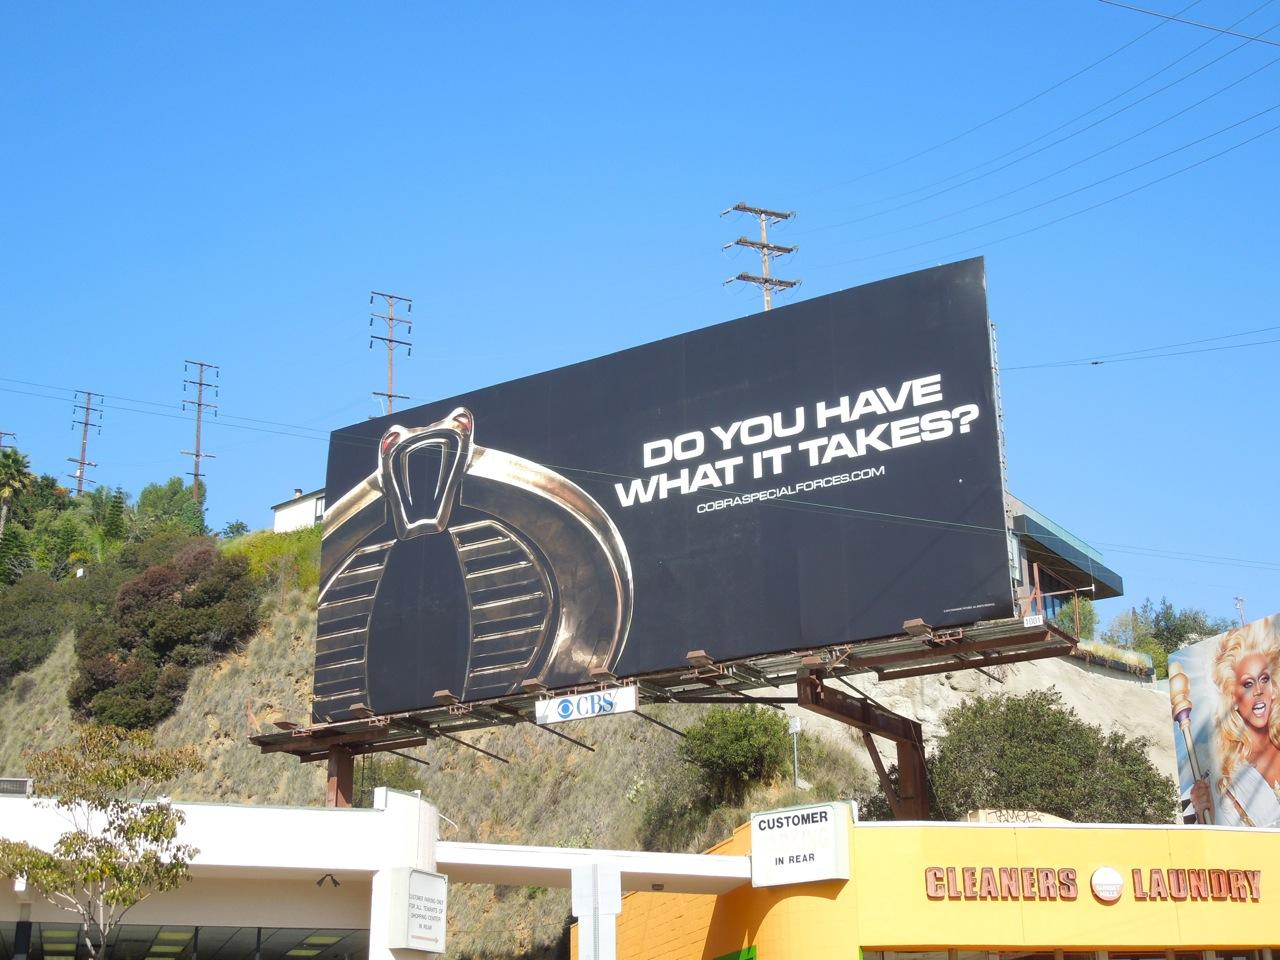 http://1.bp.blogspot.com/-zVGKUgCLuSI/URWEOx4QNQI/AAAAAAABAmg/Dza2o4l5l4U/s1600/GI+Joe+Retaliation+teaser+billboard.jpg